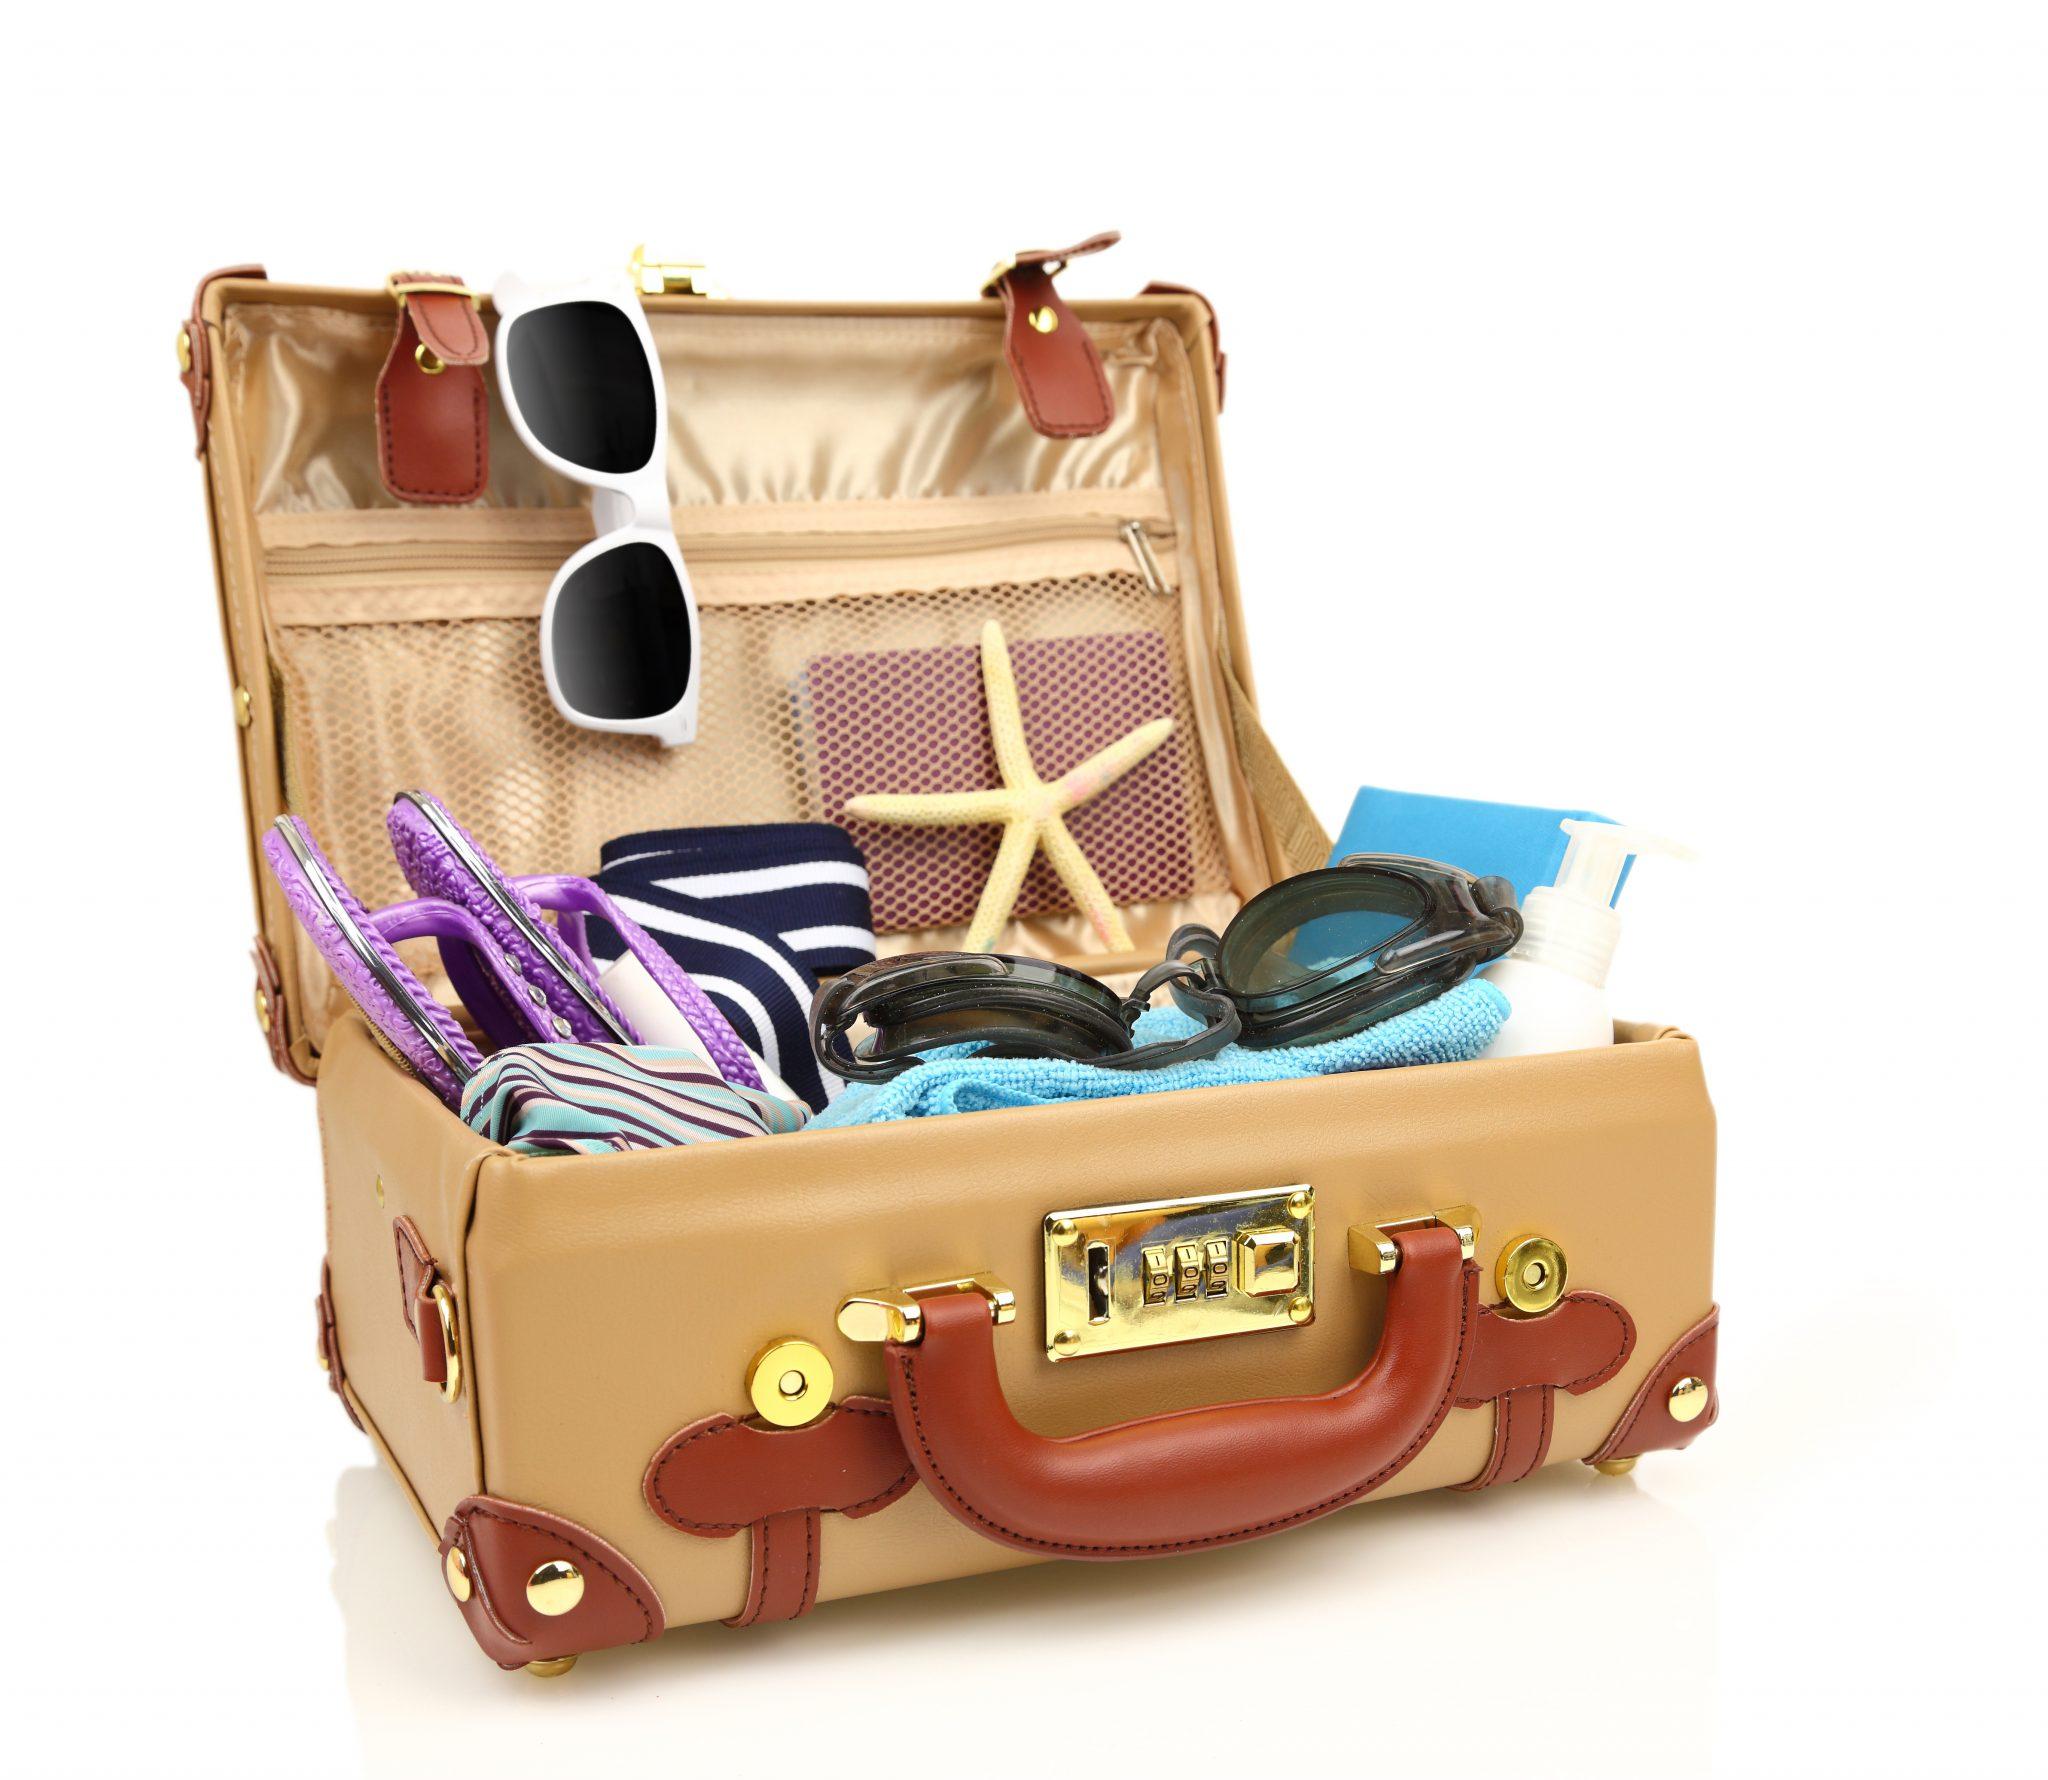 Saiba-como-arrumar-as-malas-de-viagem-economizar-espaço-e-evitarimprevistos